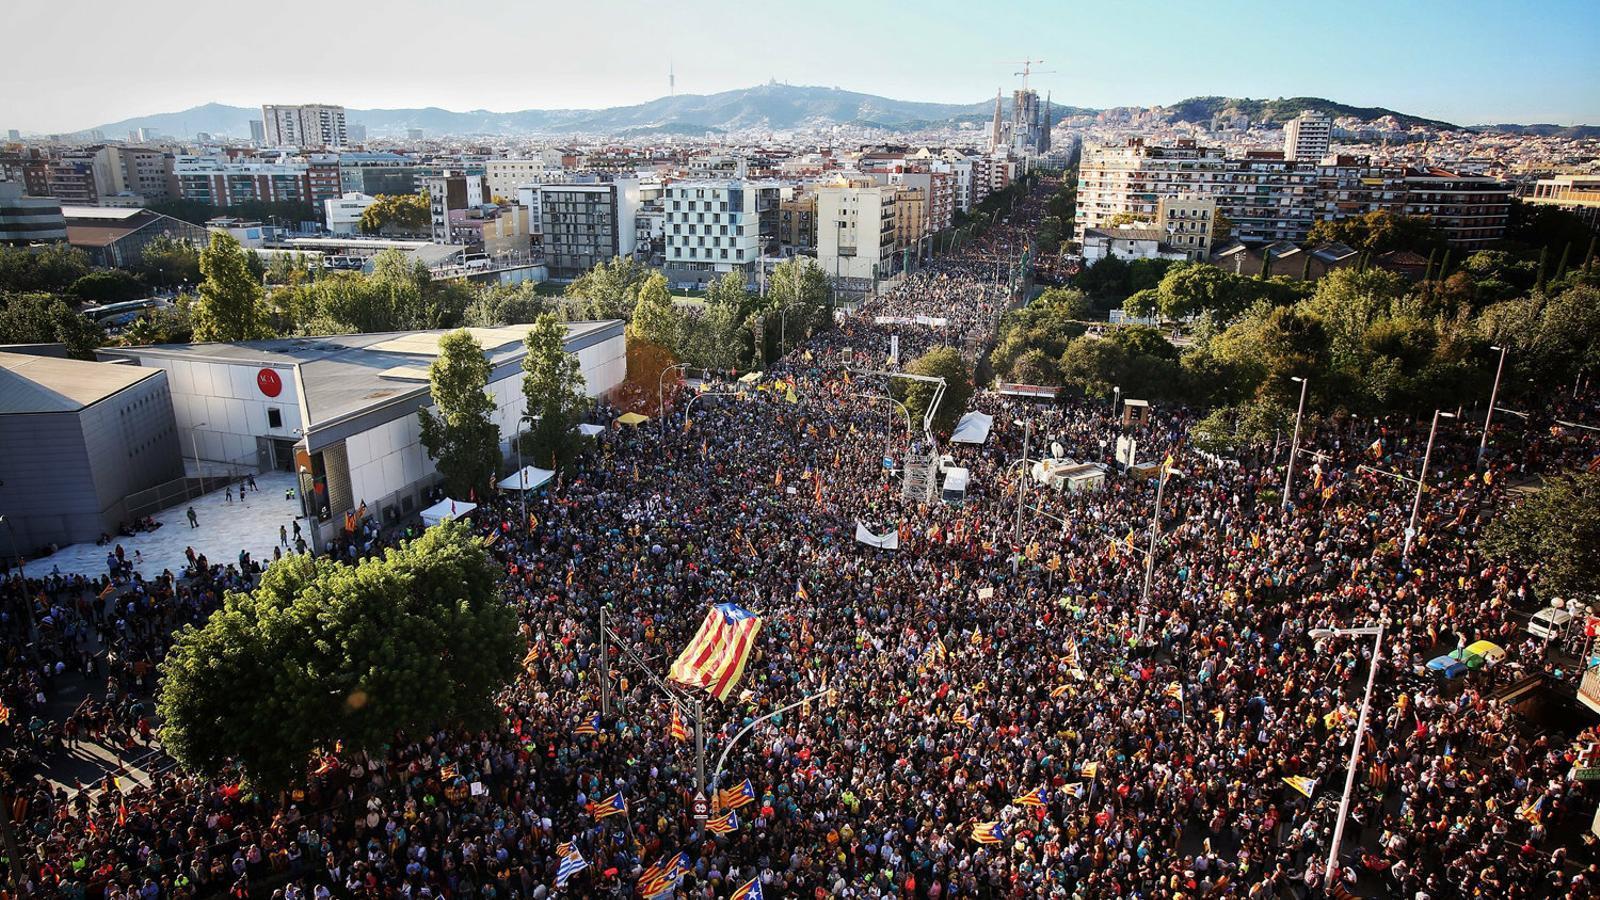 Imatge de la manifestació  Per la llibertat dels presos Del passat 26 d'octubre  A Barcelona.